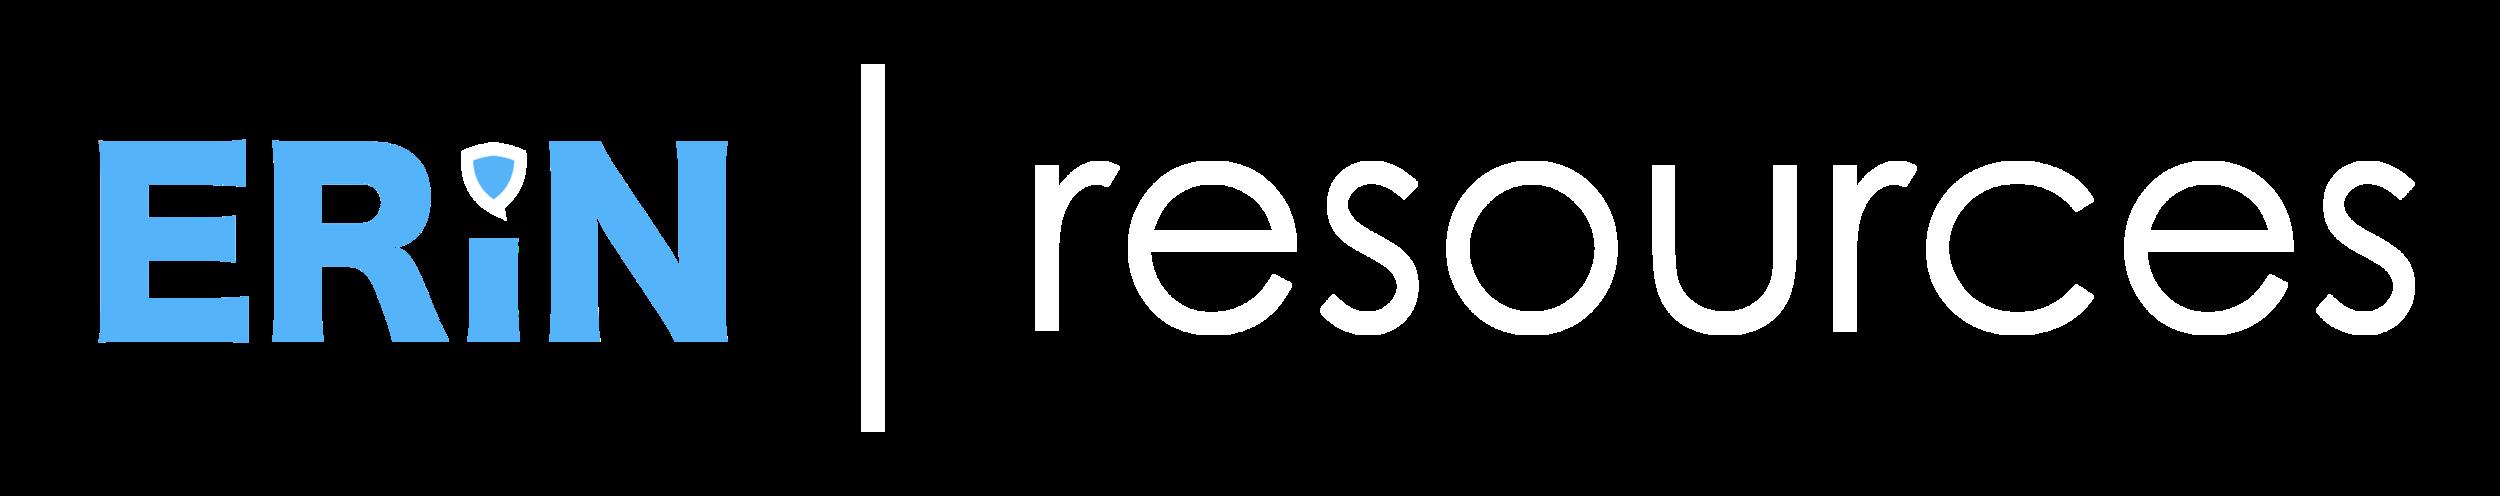 resorses.png